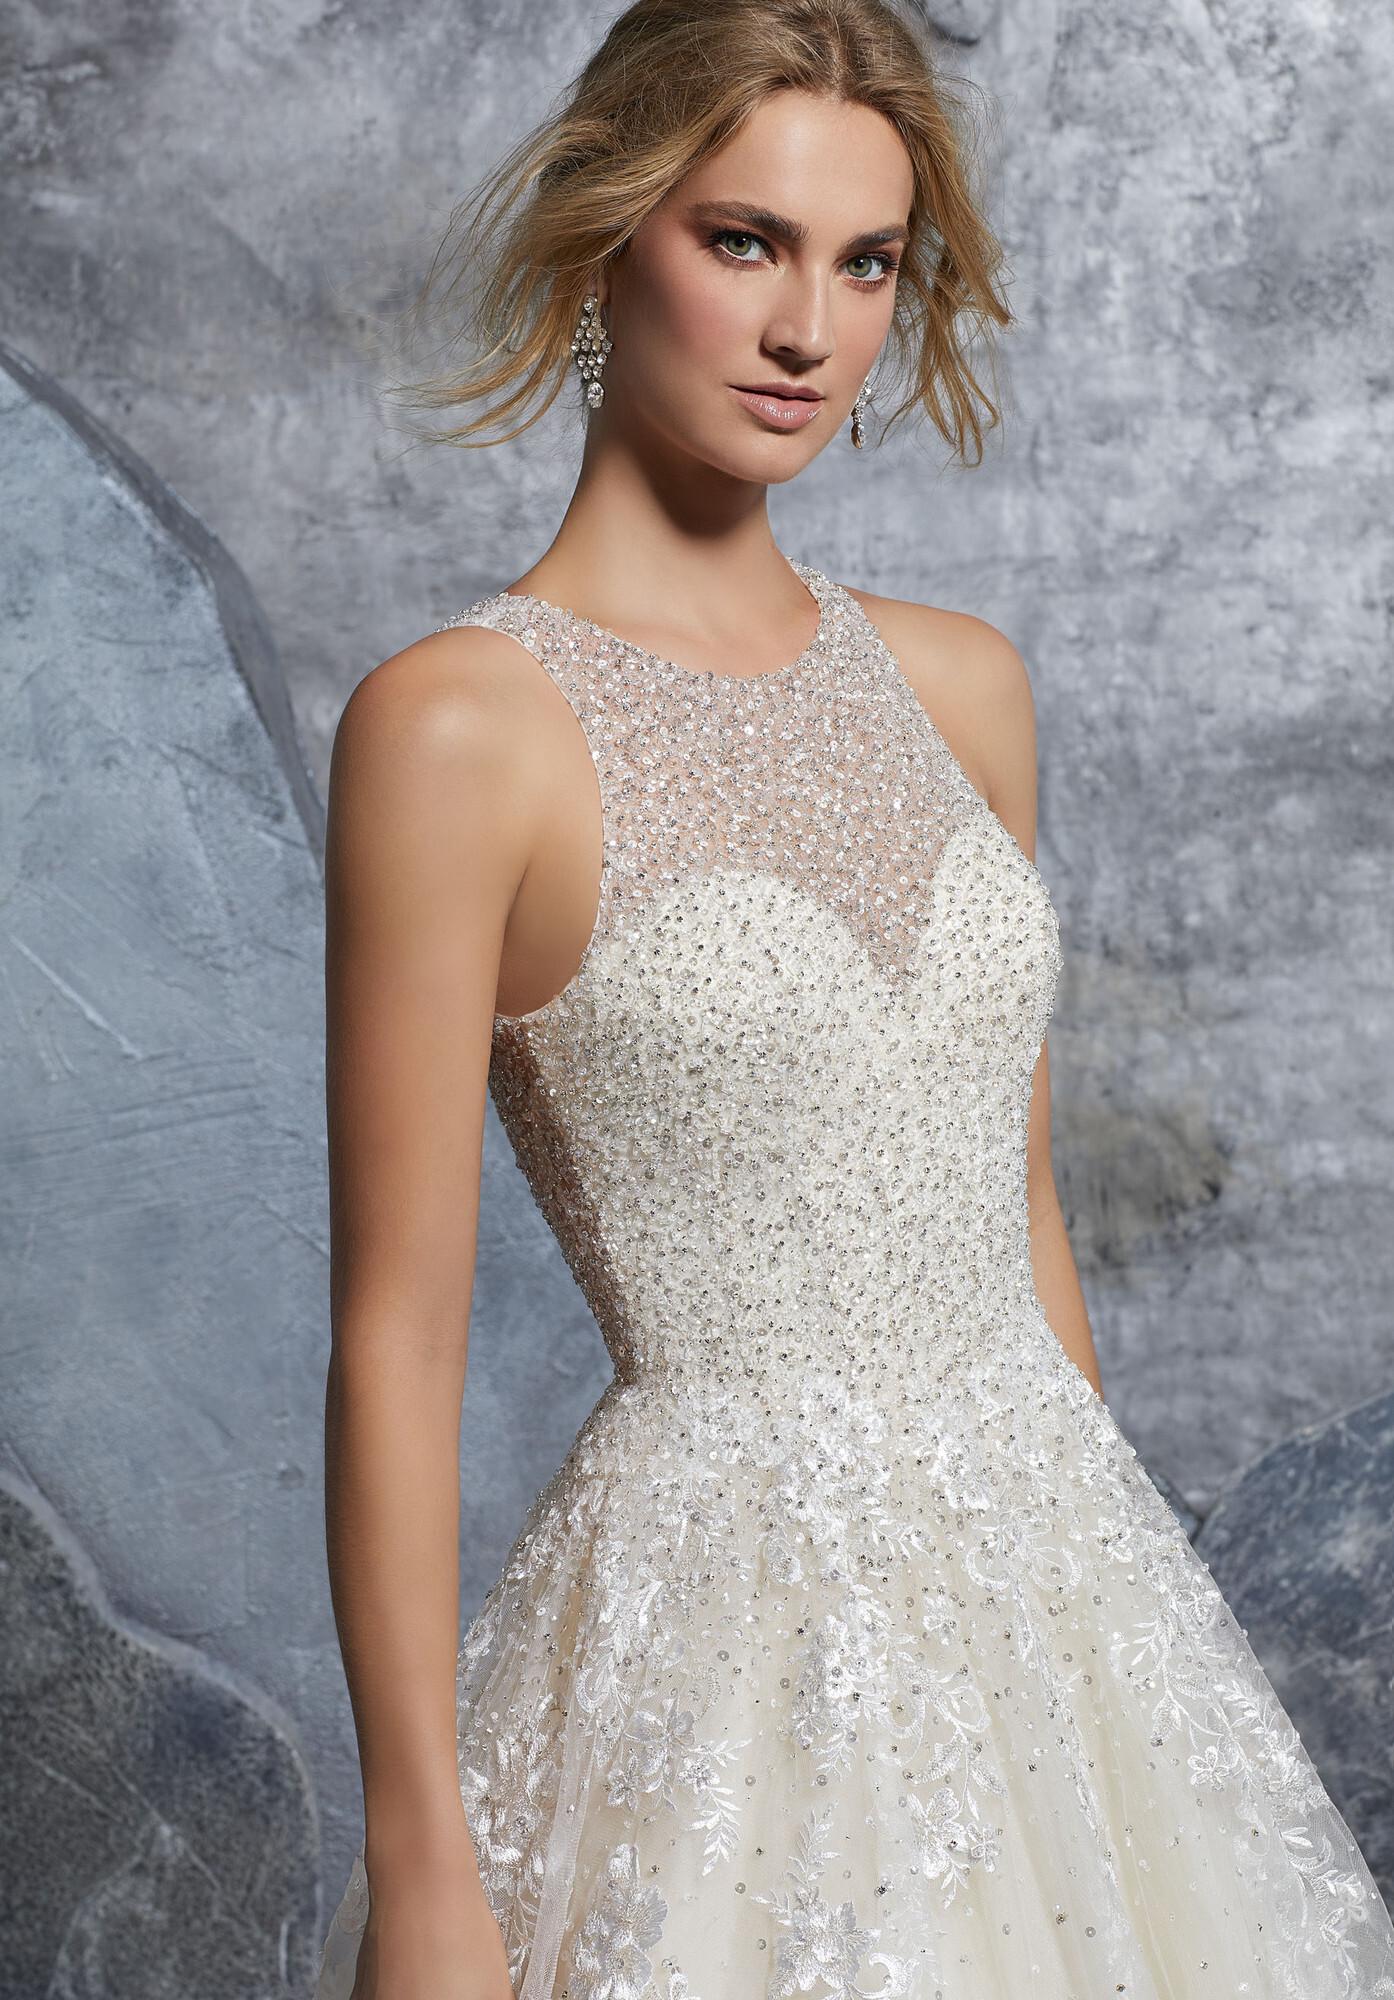 8771fc110 Vestido de Noiva de Morilee - Kiara